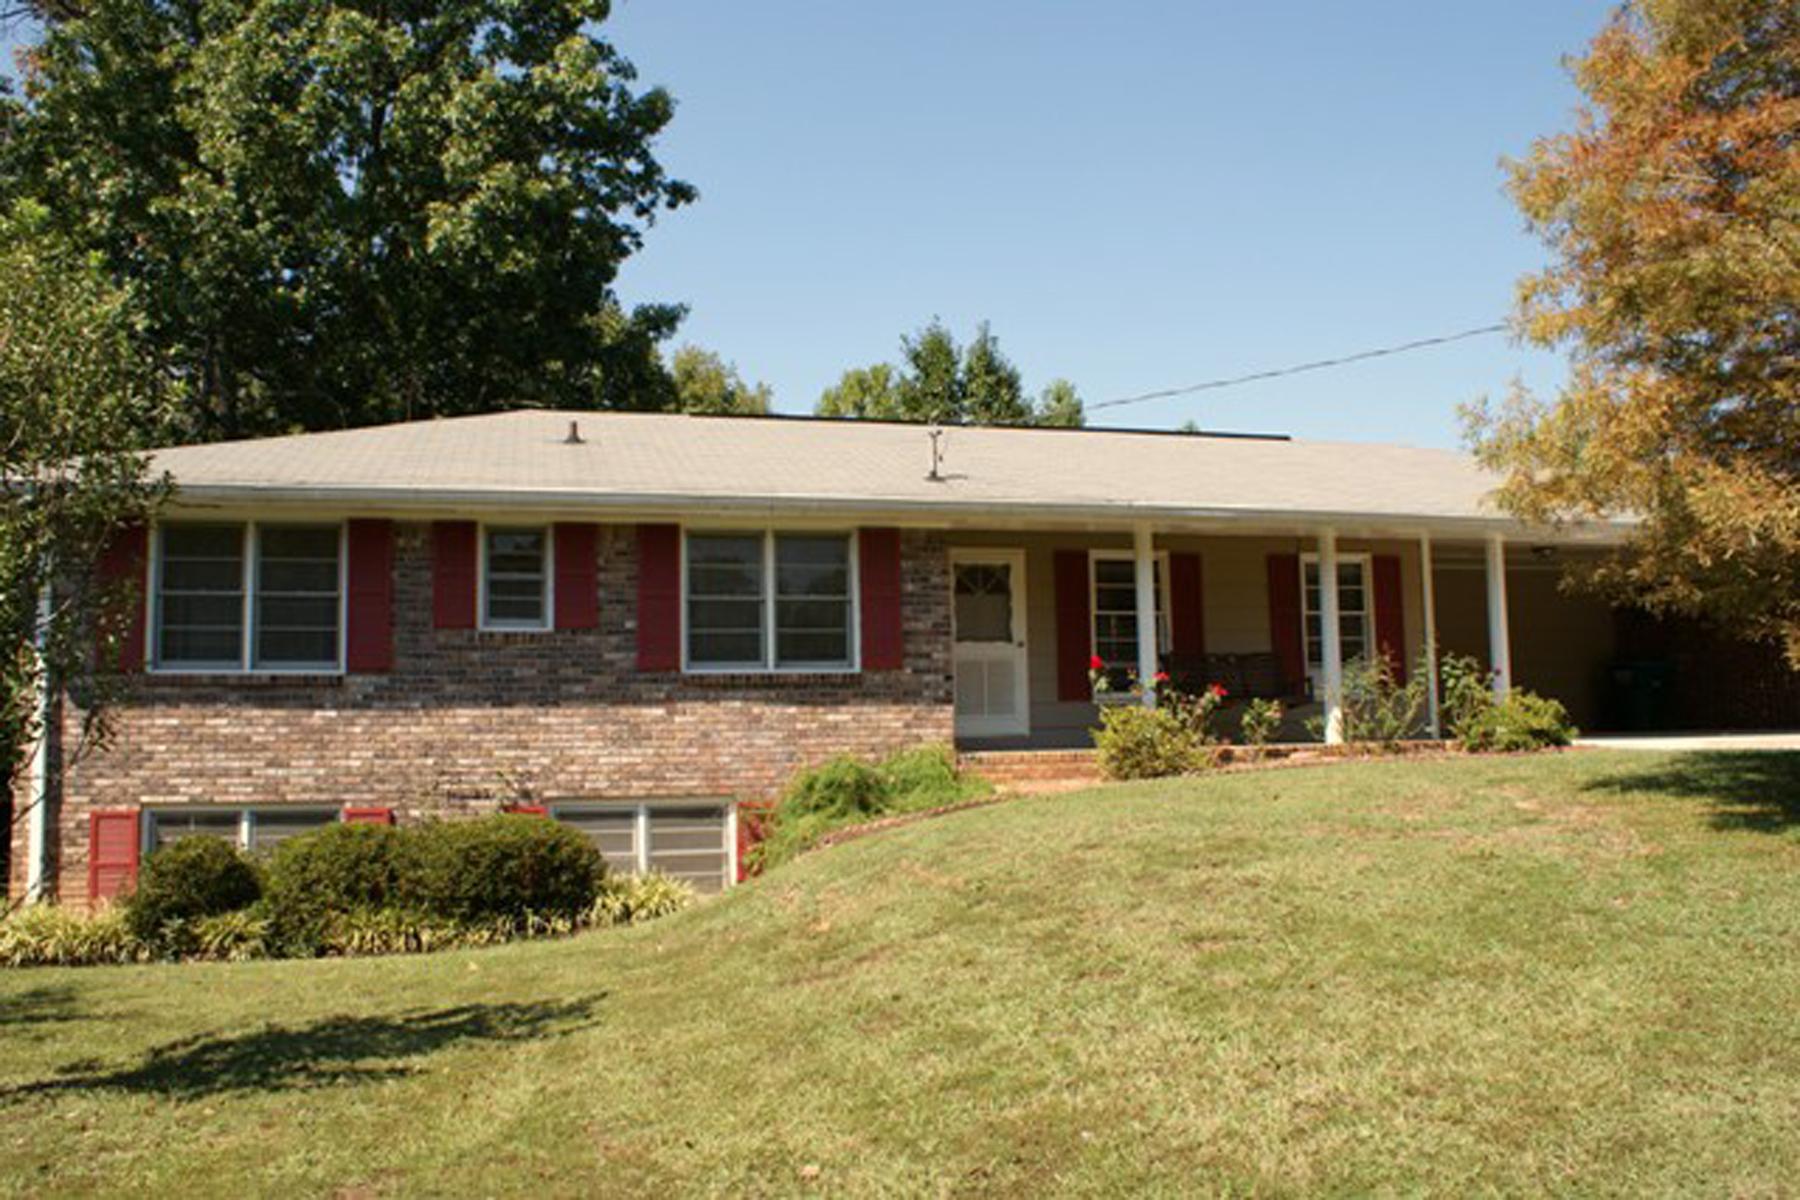 Частный односемейный дом для того Аренда на FabulousRanchHome RentalInPeachtreeCorners 6725 Ridge Moore Drive Peachtree Corners, Джорджия 30360 Соединенные Штаты